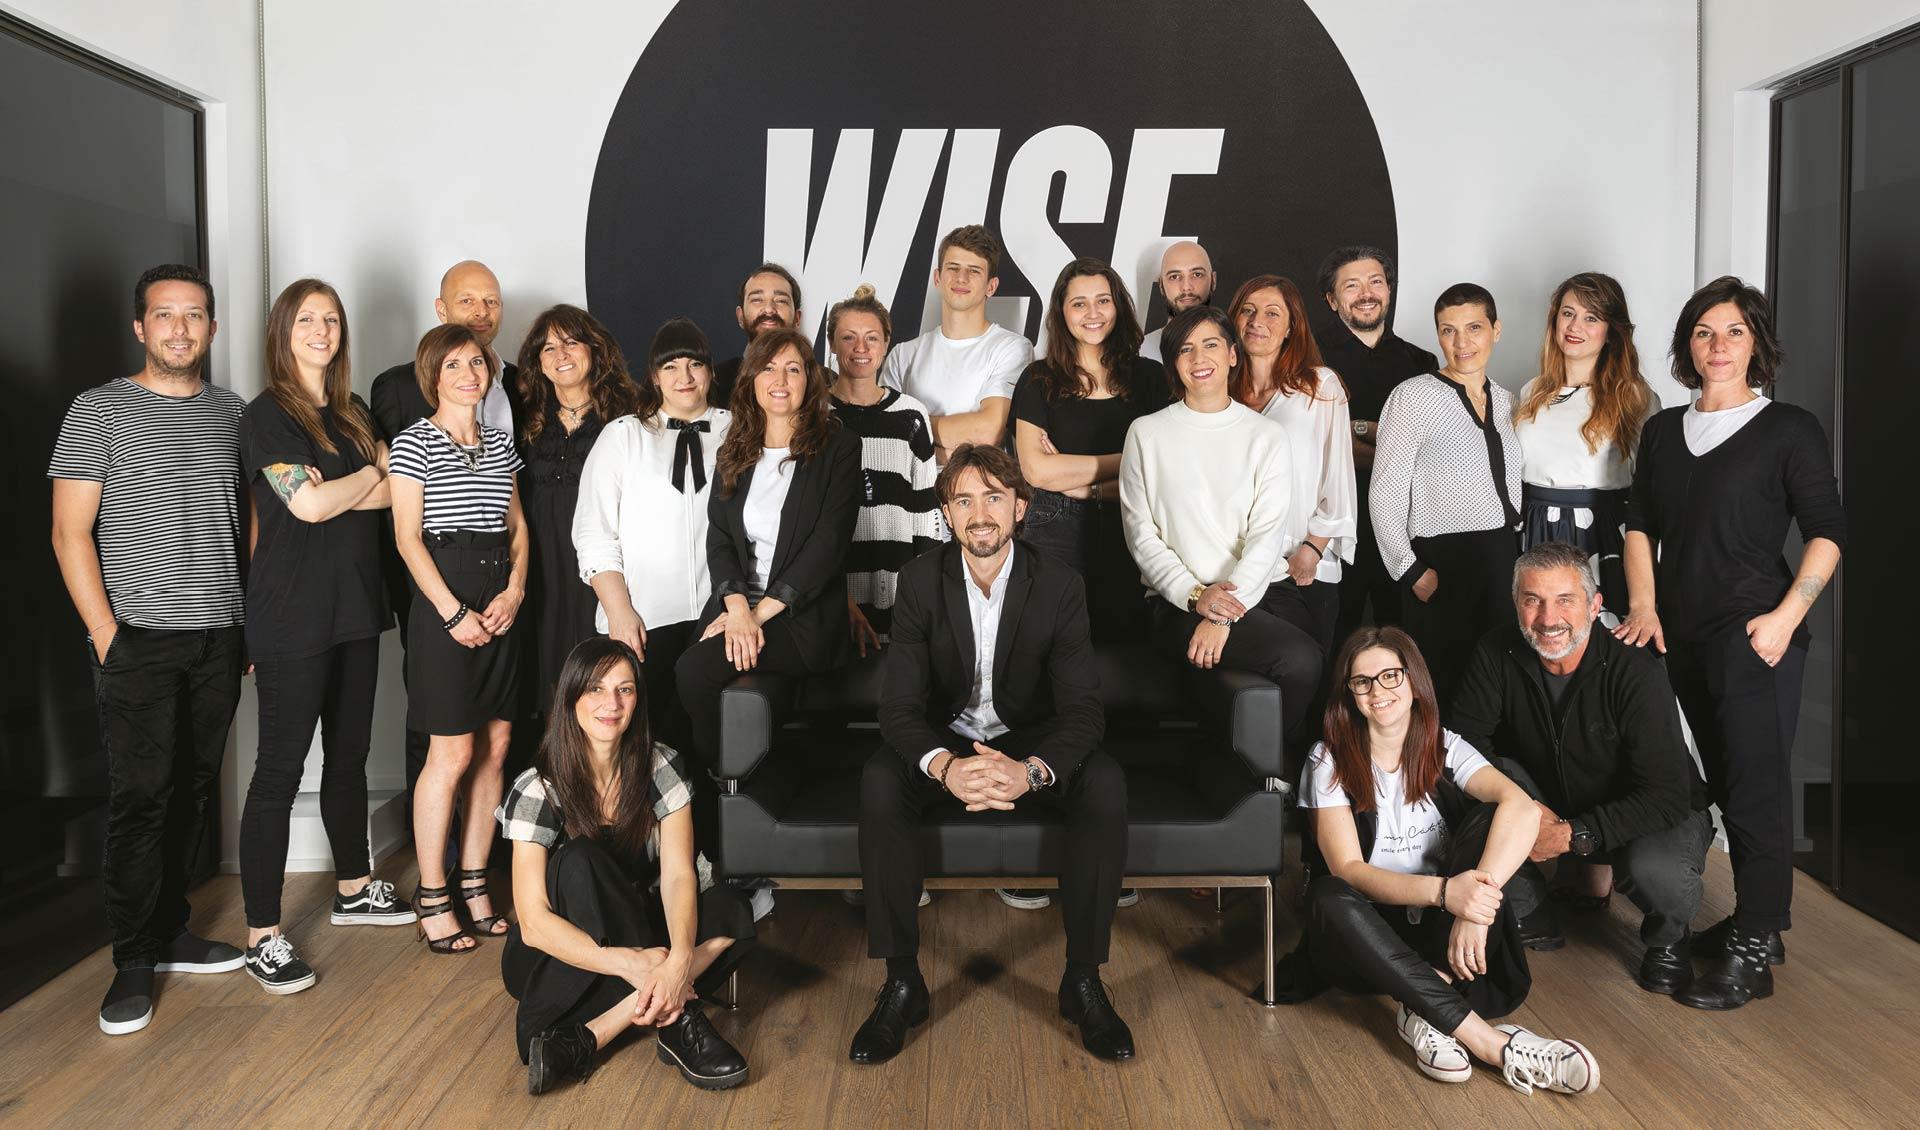 WISE team